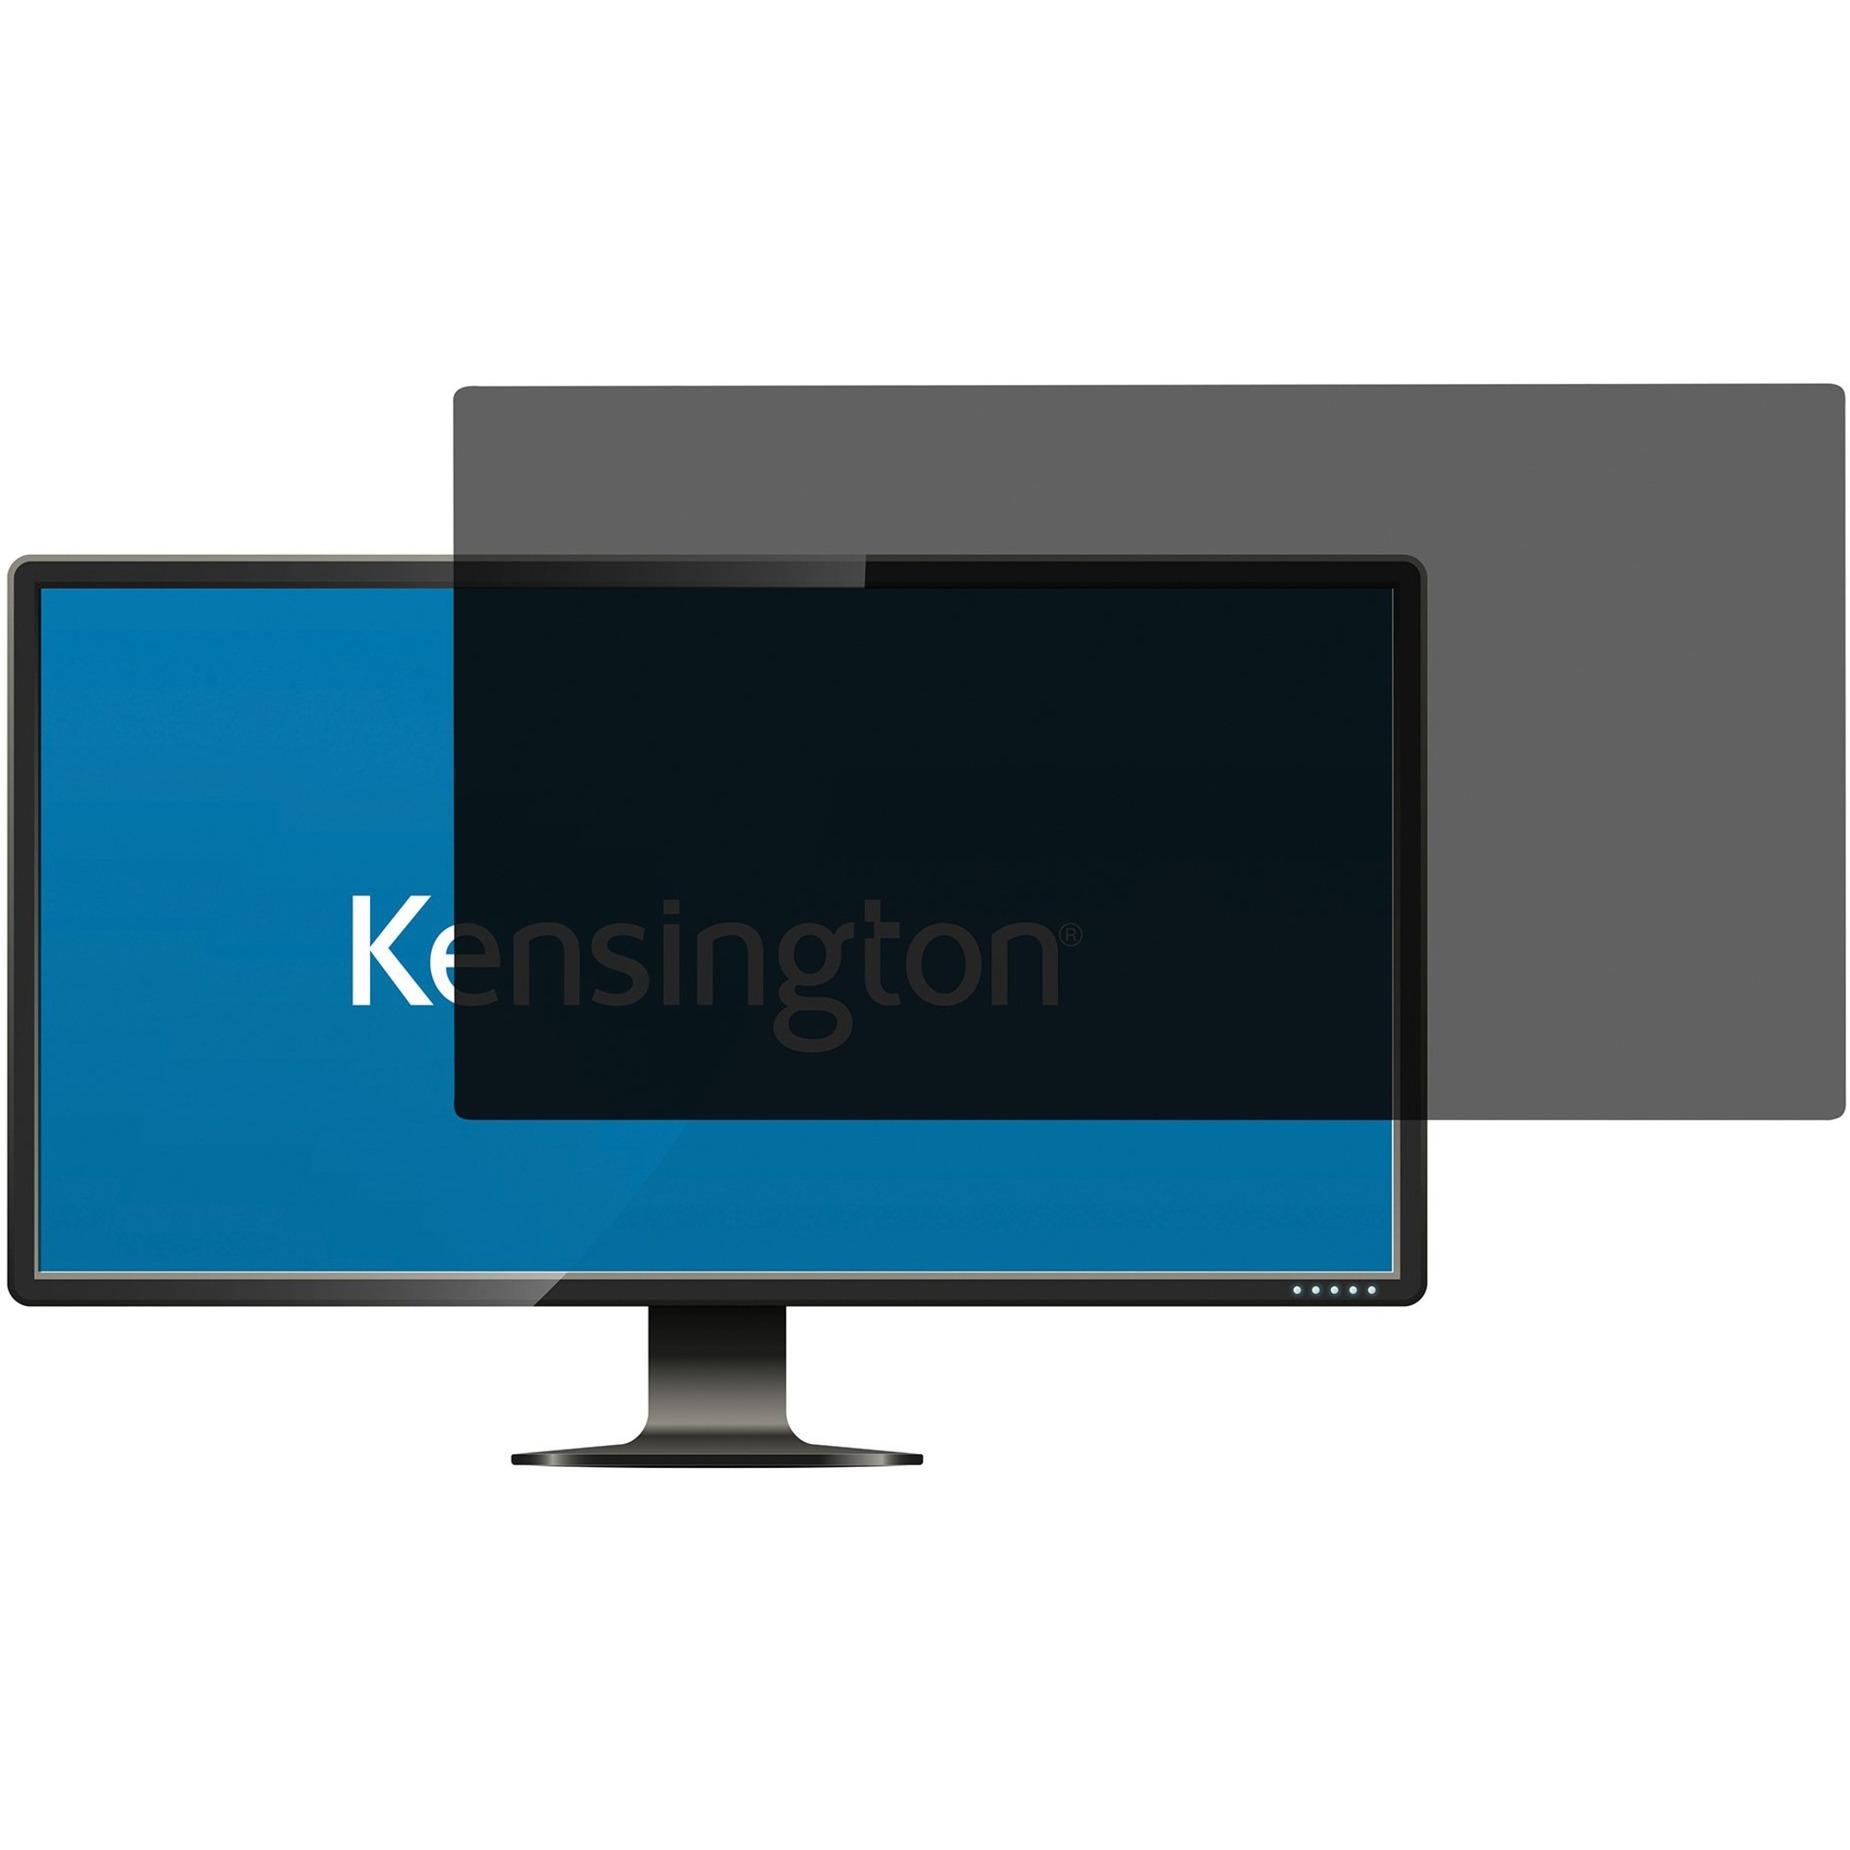 626488 filtro para monitor Filtro de privacidad para pantallas sin marco